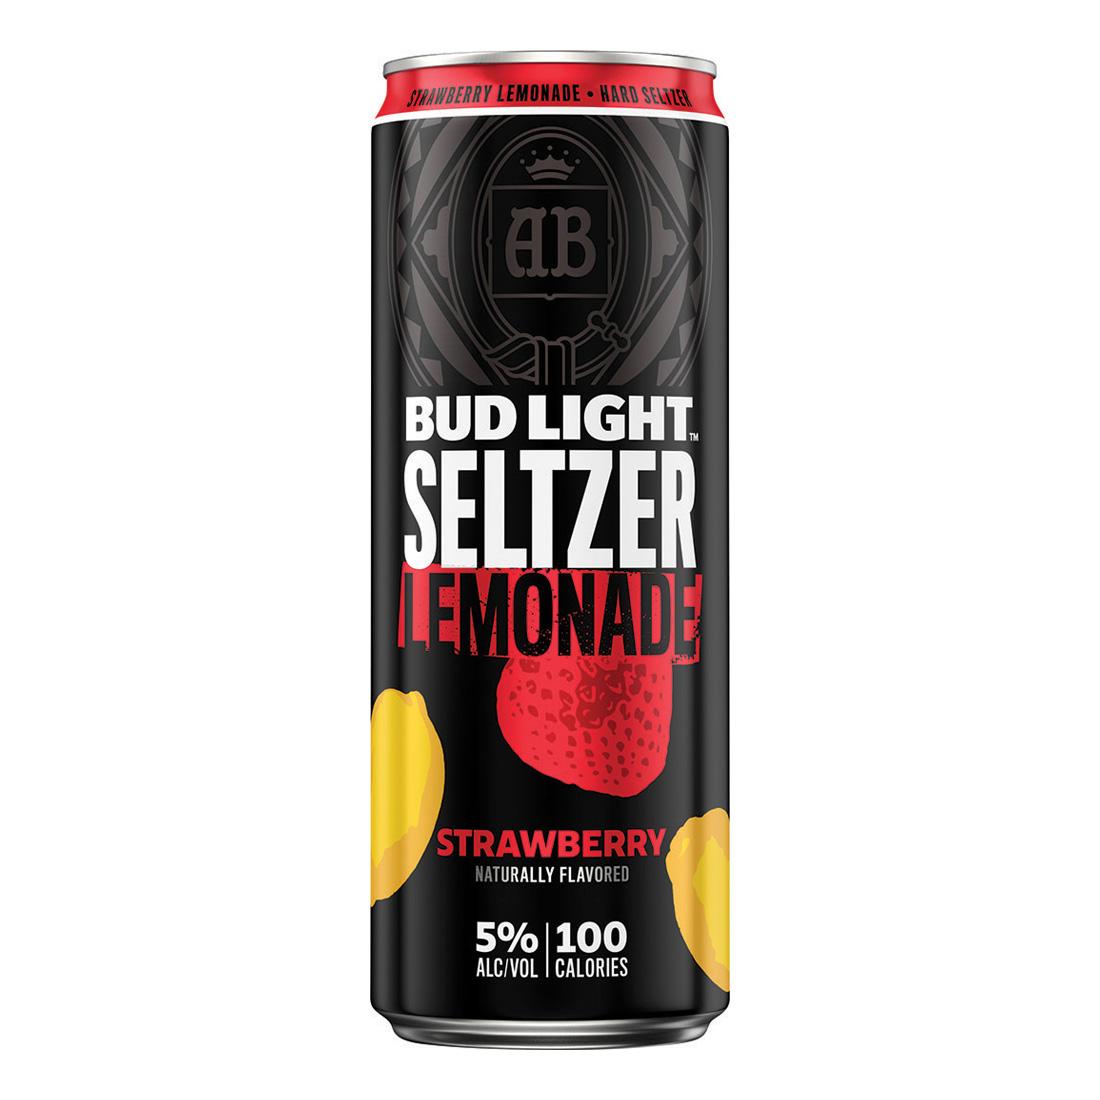 Bud Light Seltzer, Strawberry Lemonade